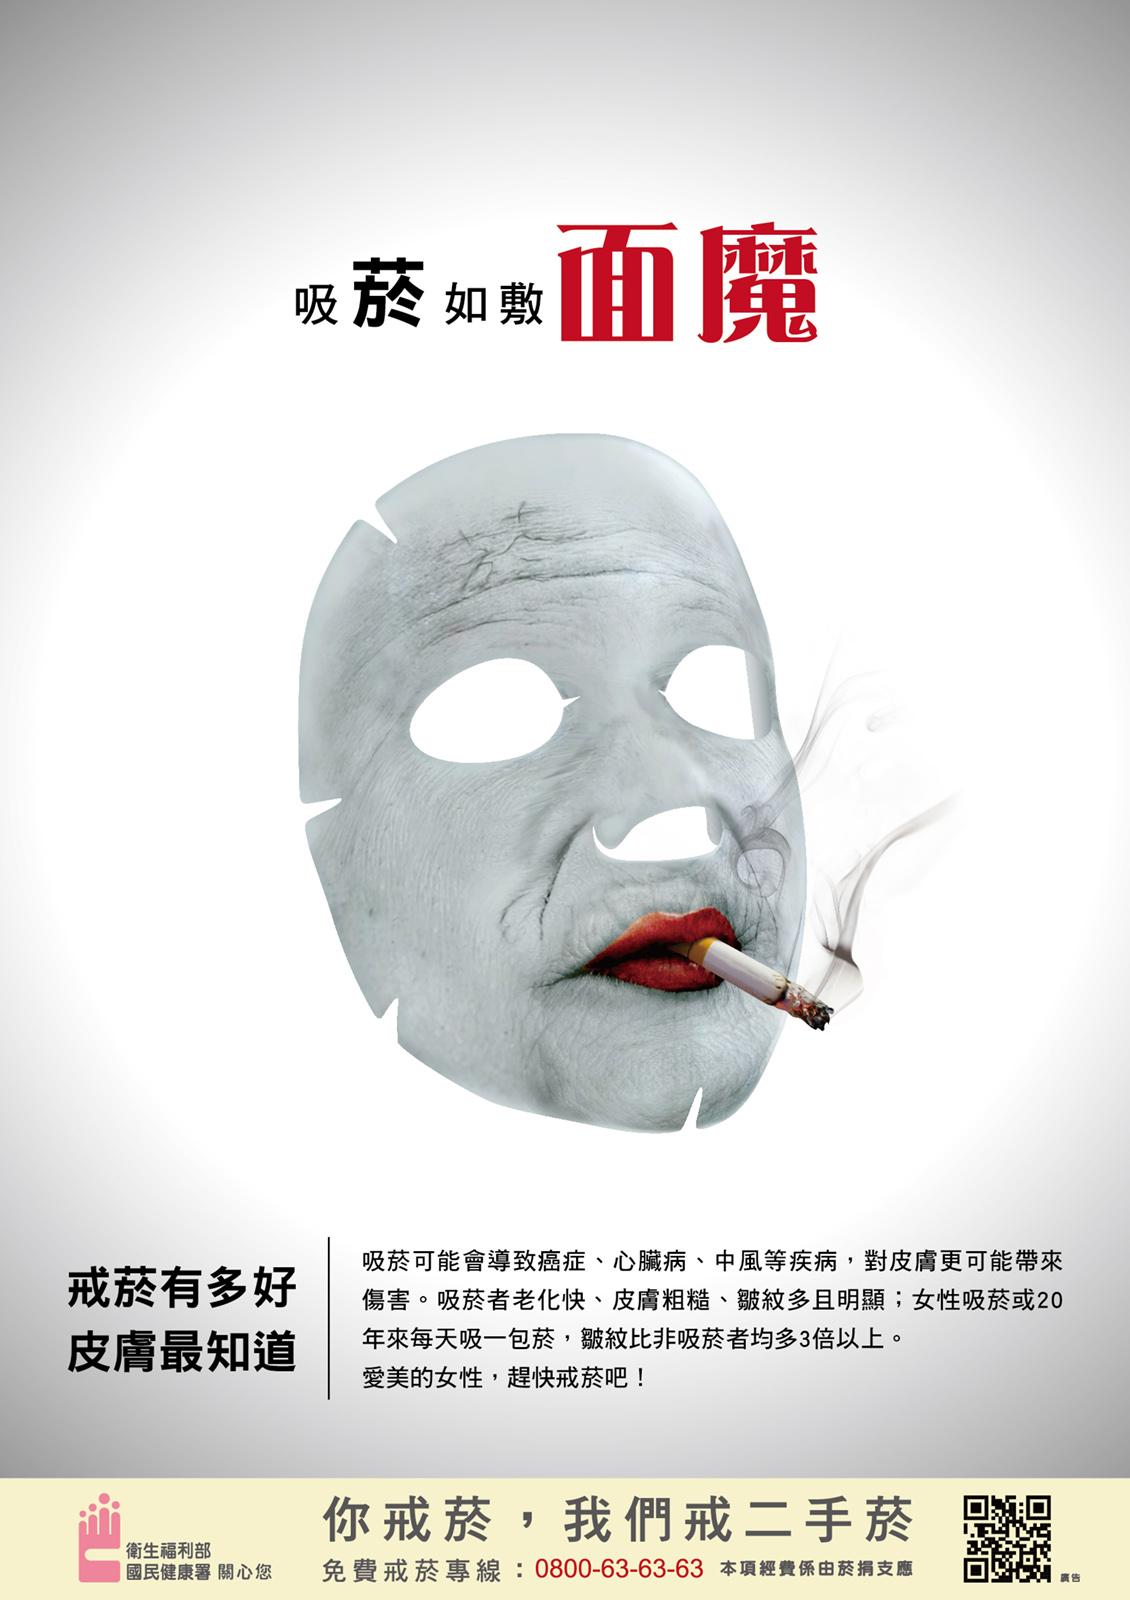 海報皮膚篇:吸菸如敷面魔